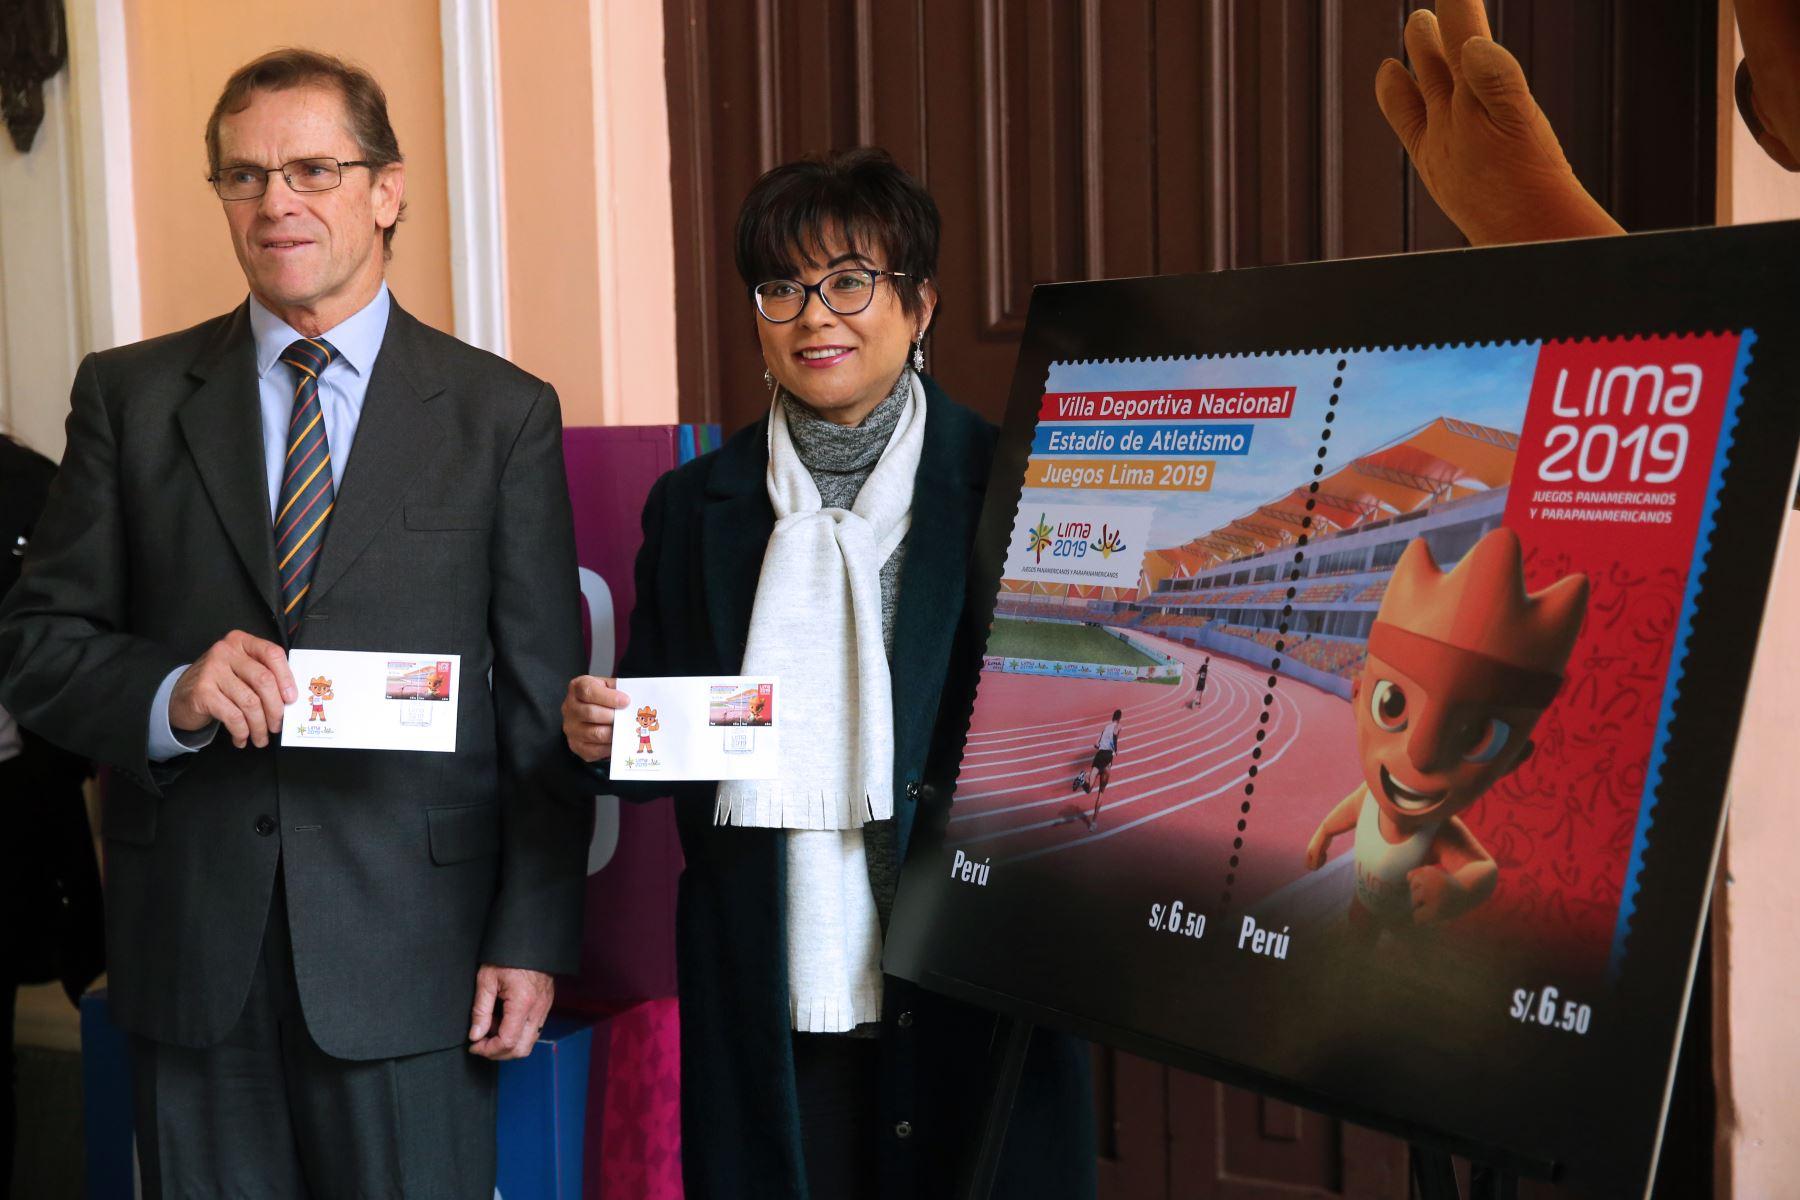 Lima 2019 y Serpost presentan las Estampilla alusiva a los juegos Panamericanos y Para panamericanos. Foto: ANDINA/Vidal Tarqui